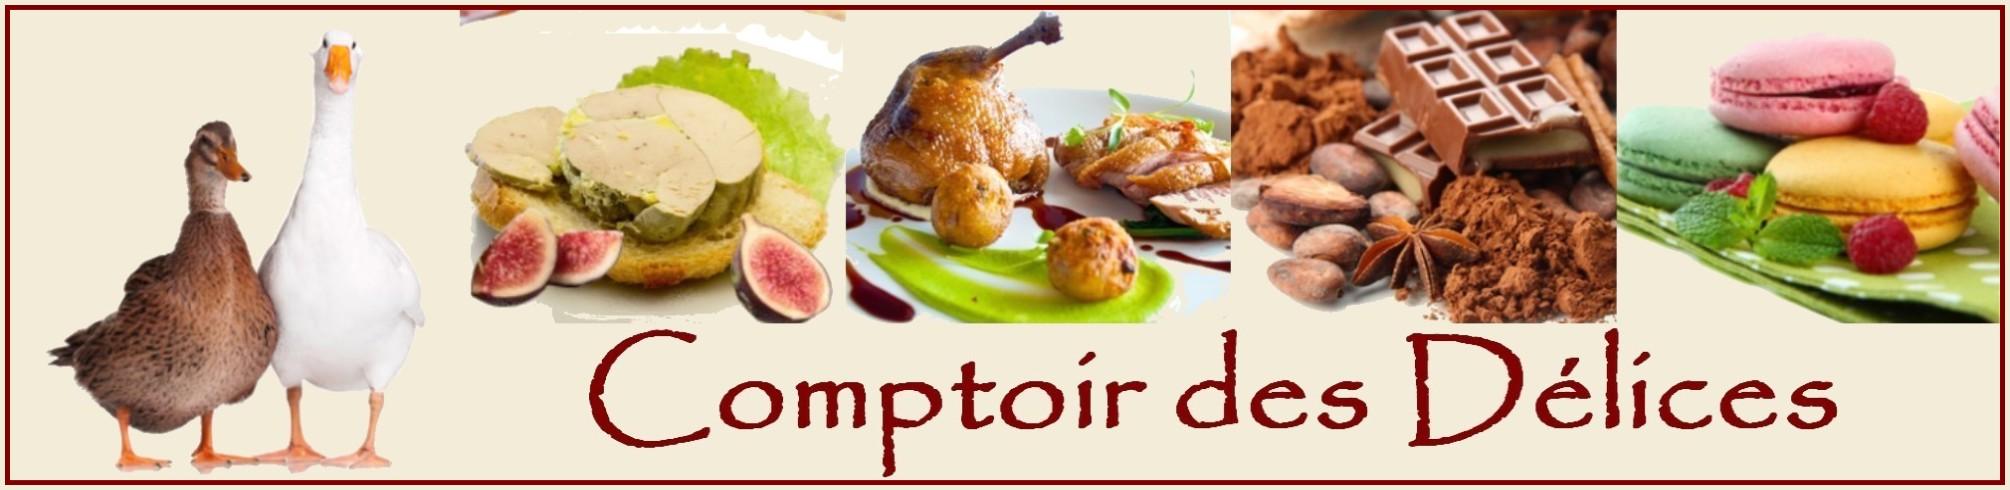 Comptoir des d lices epicerie fine panier garni gourmand - Comptoir gourmand toulouse ...